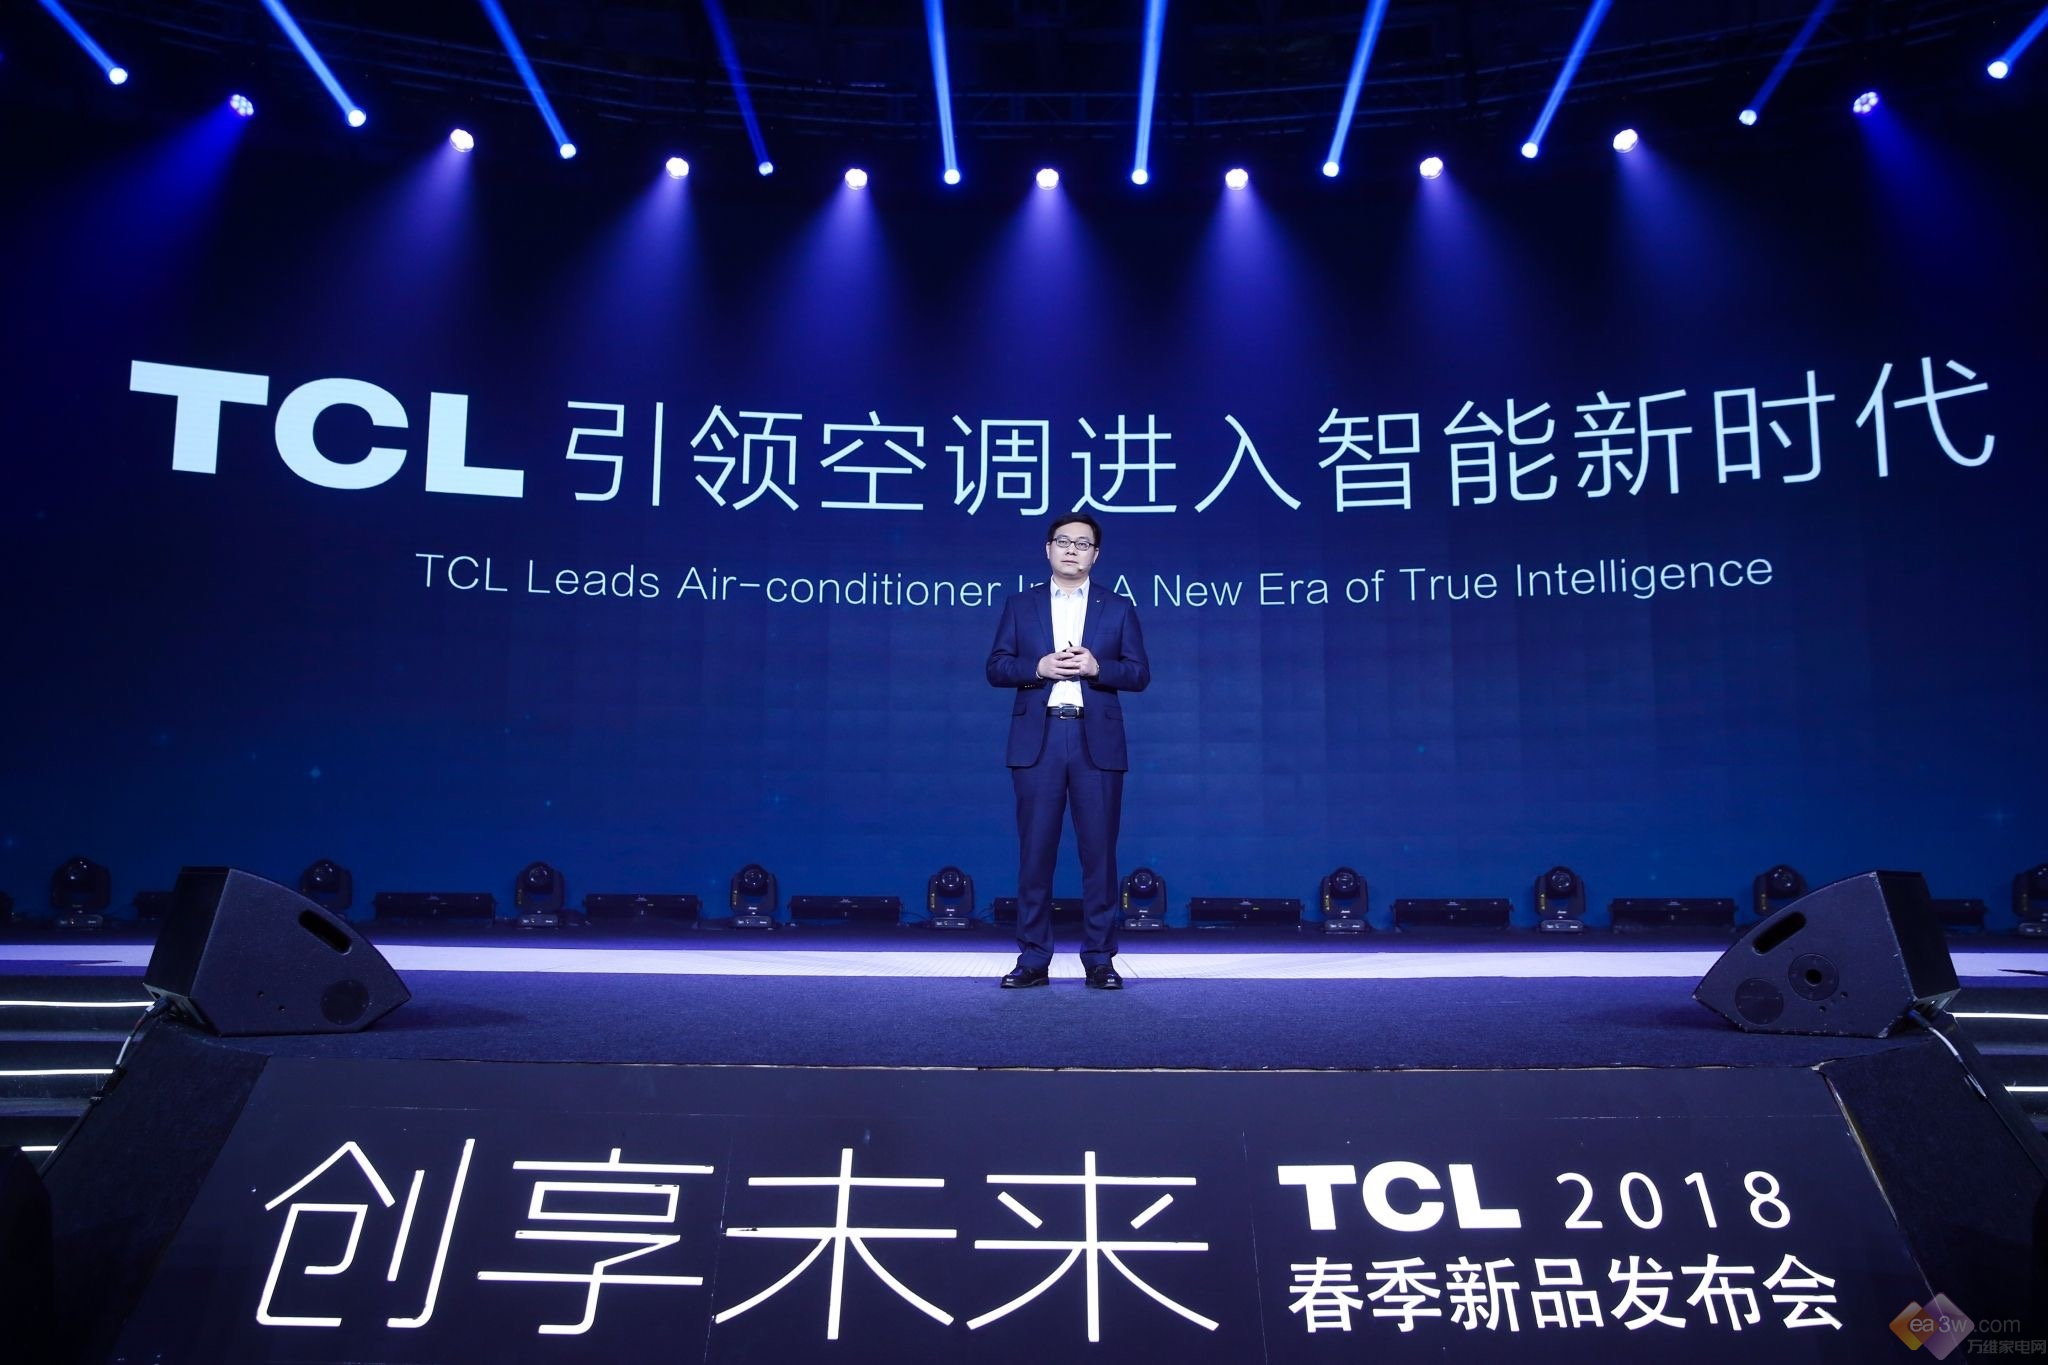 极致创新凸显大国品牌风范 TCL全矩阵新品闪耀2018春发